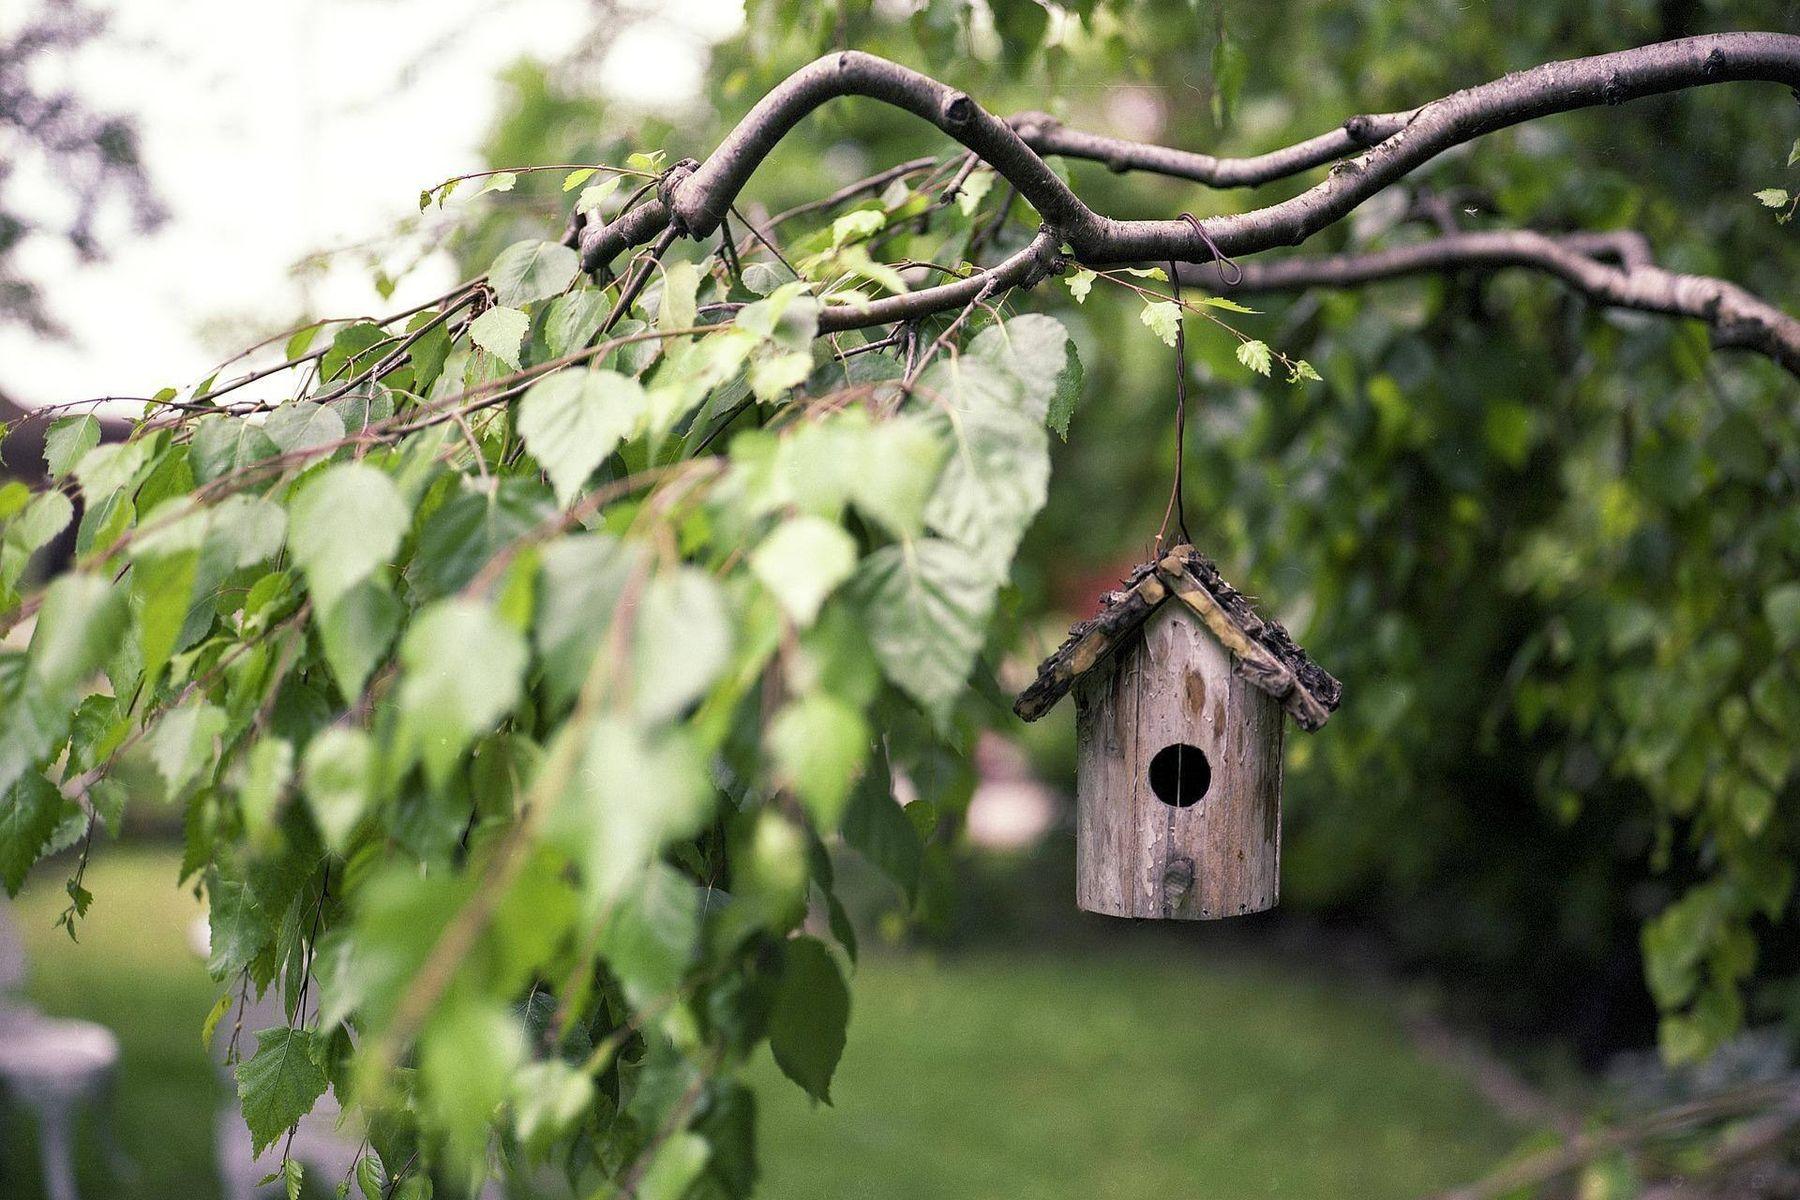 Vogelkäfig an einem Baum hängen